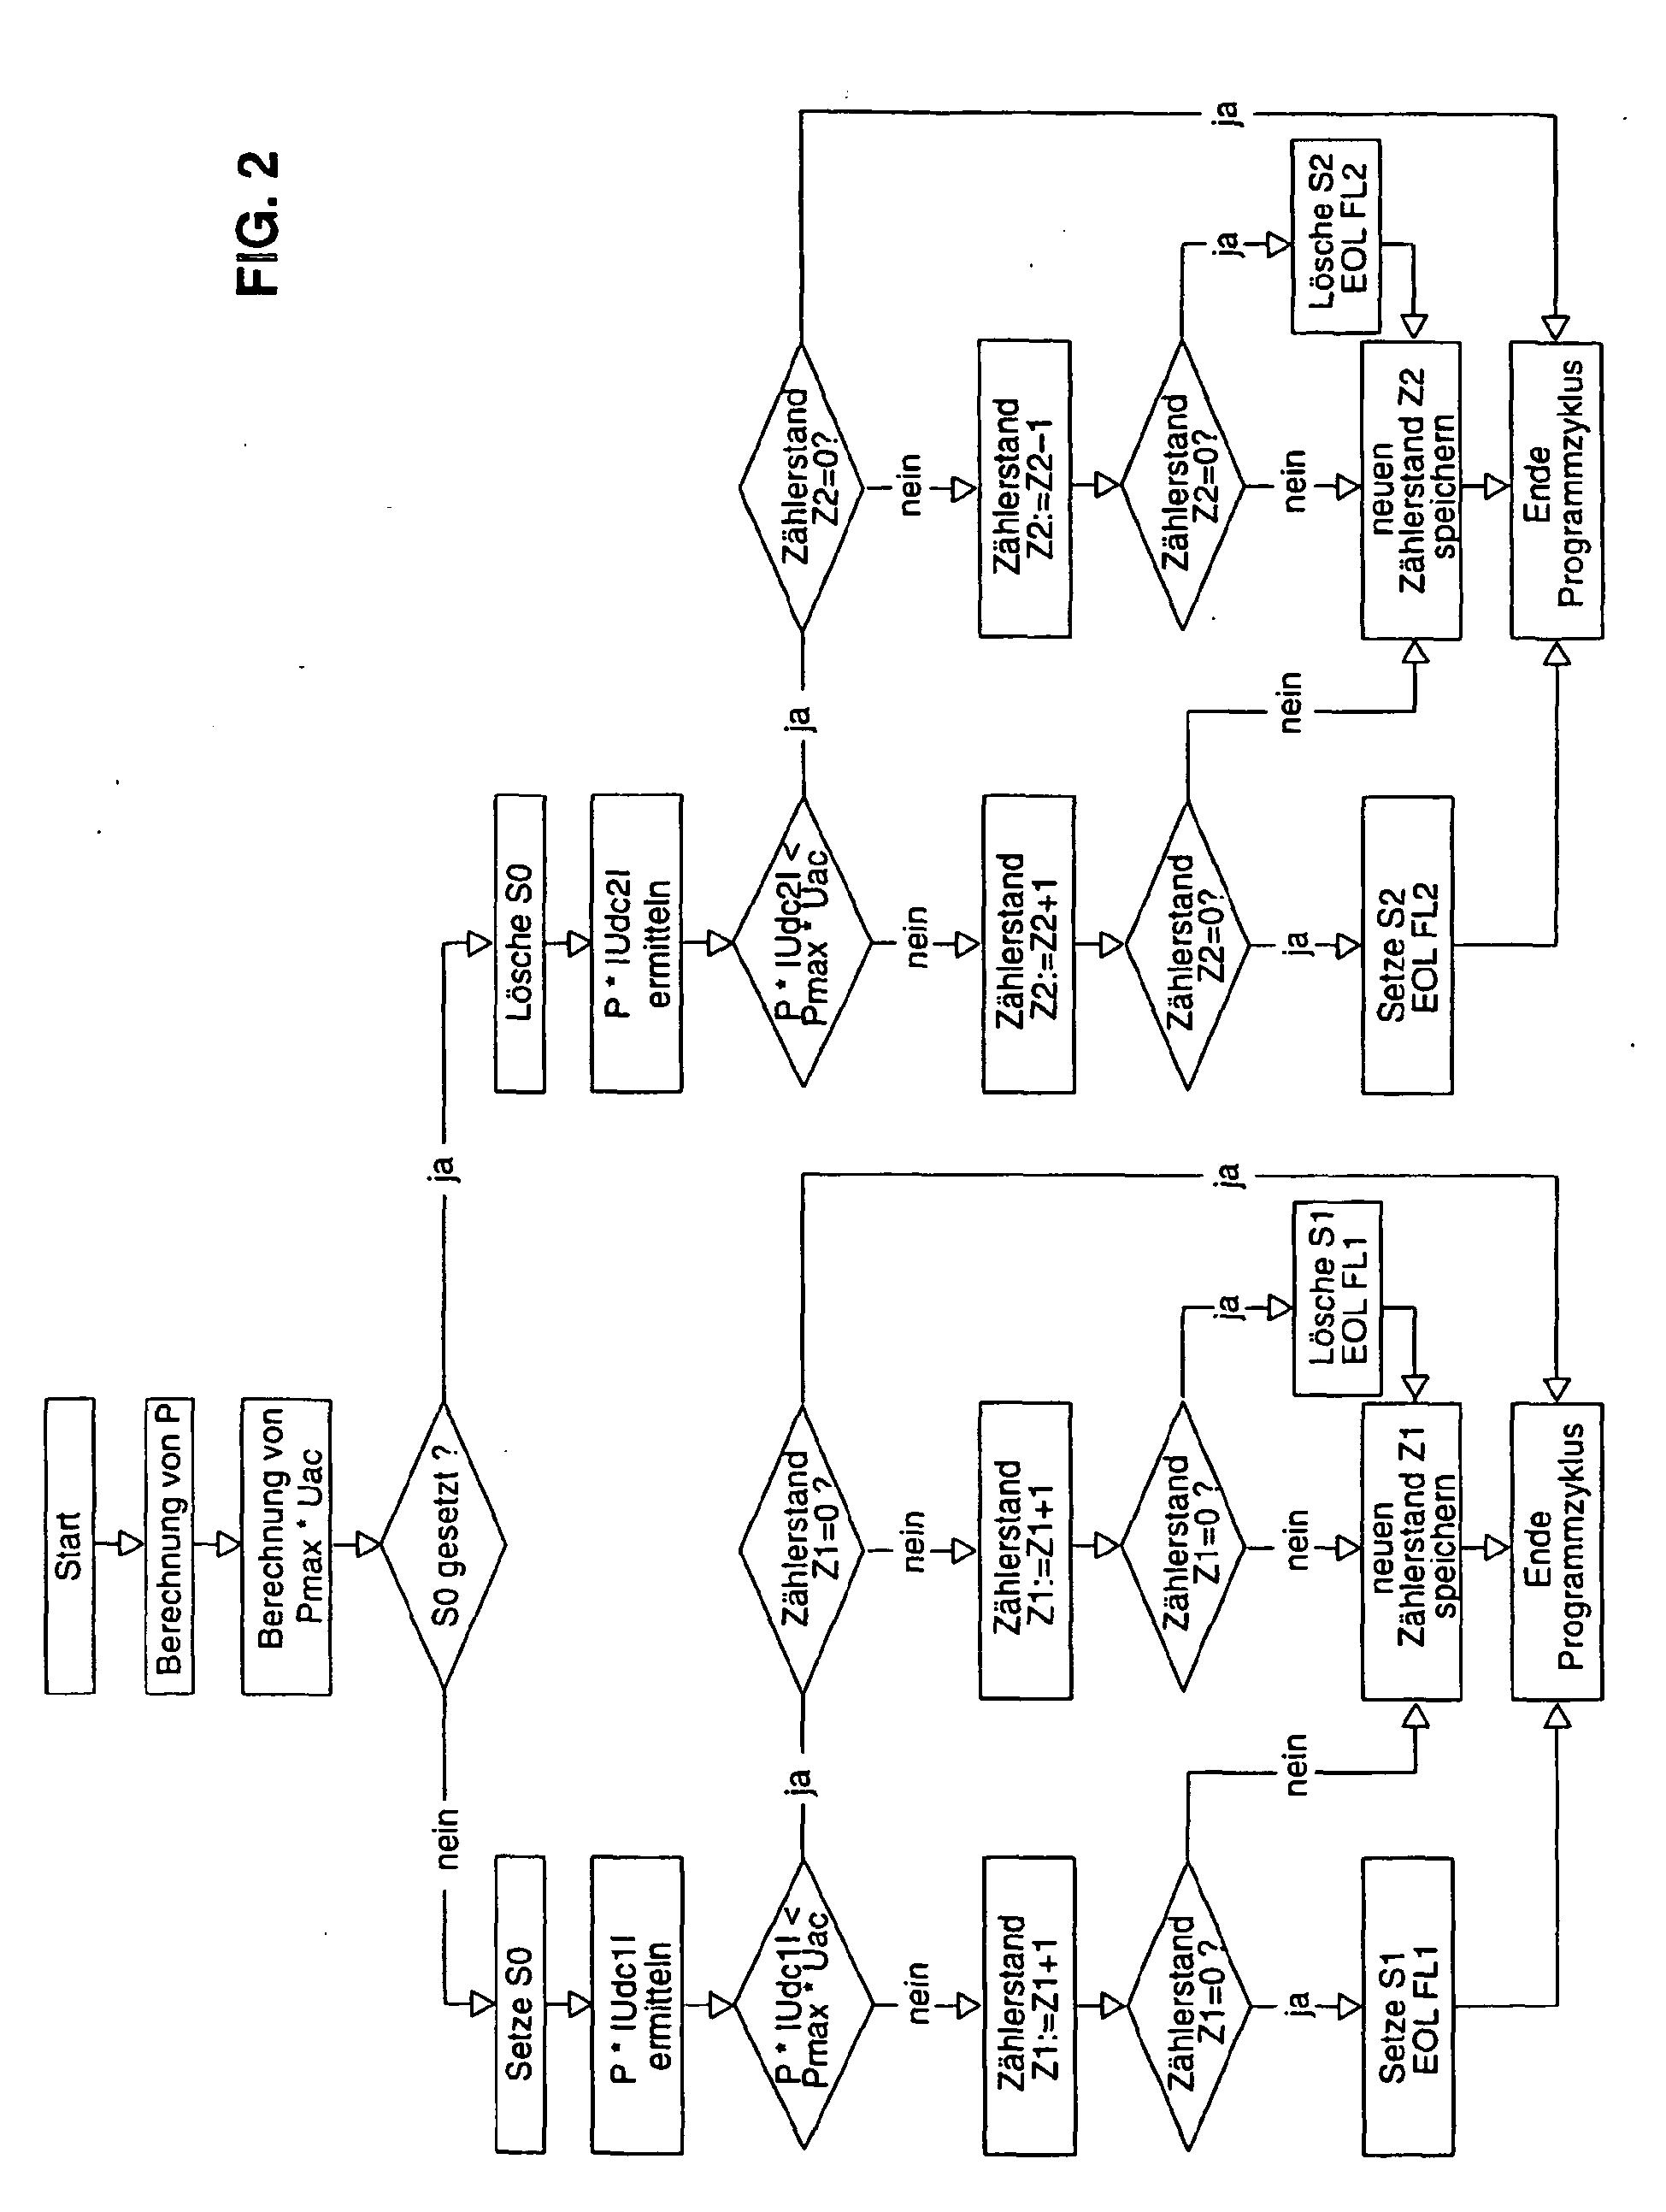 imgf0002 Spannende Elektronisches Vorschaltgerät Leuchtstofflampe Schaltplan Dekorationen